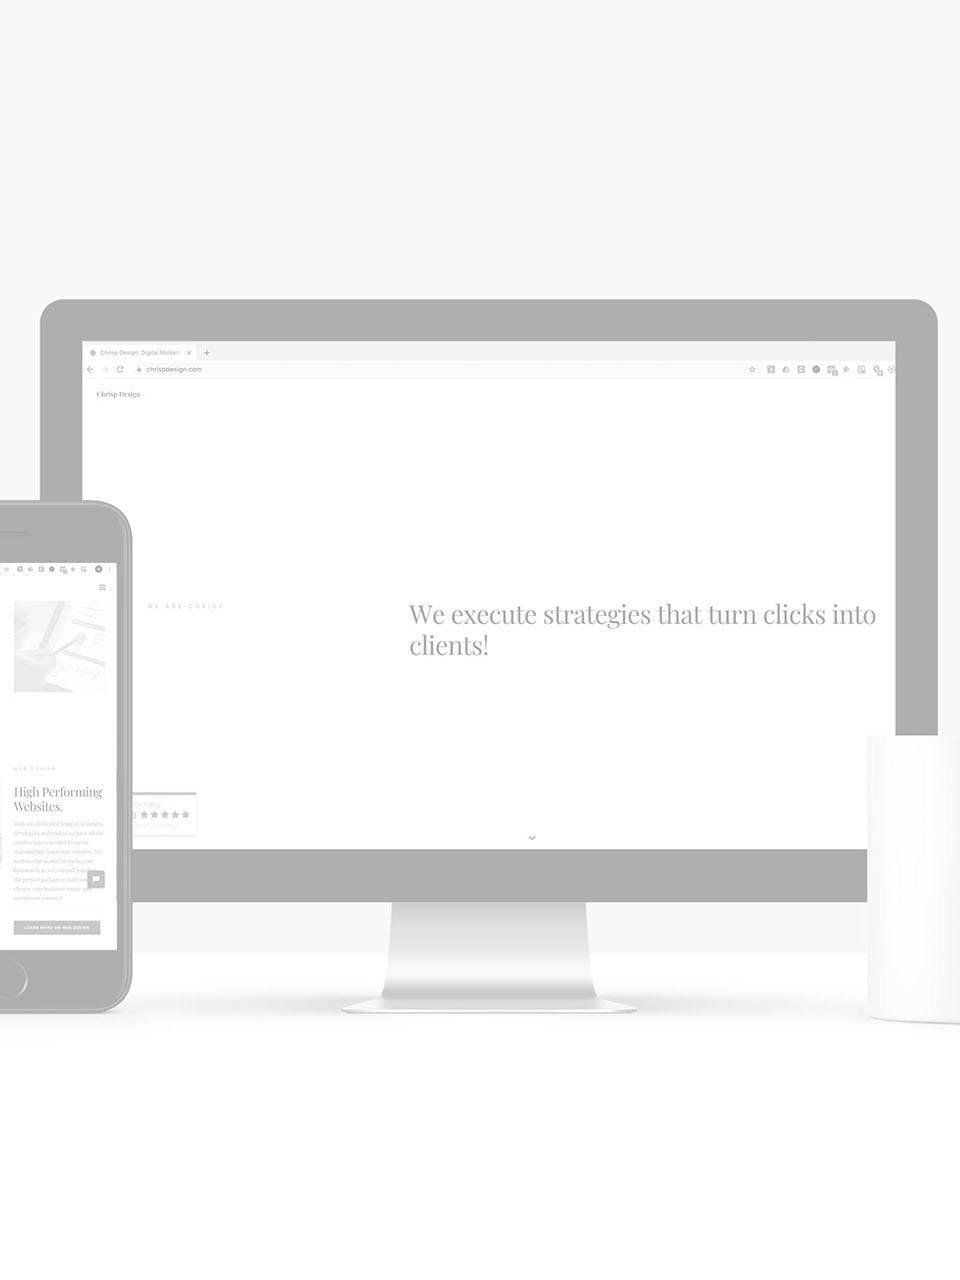 mock up to show tips on website design